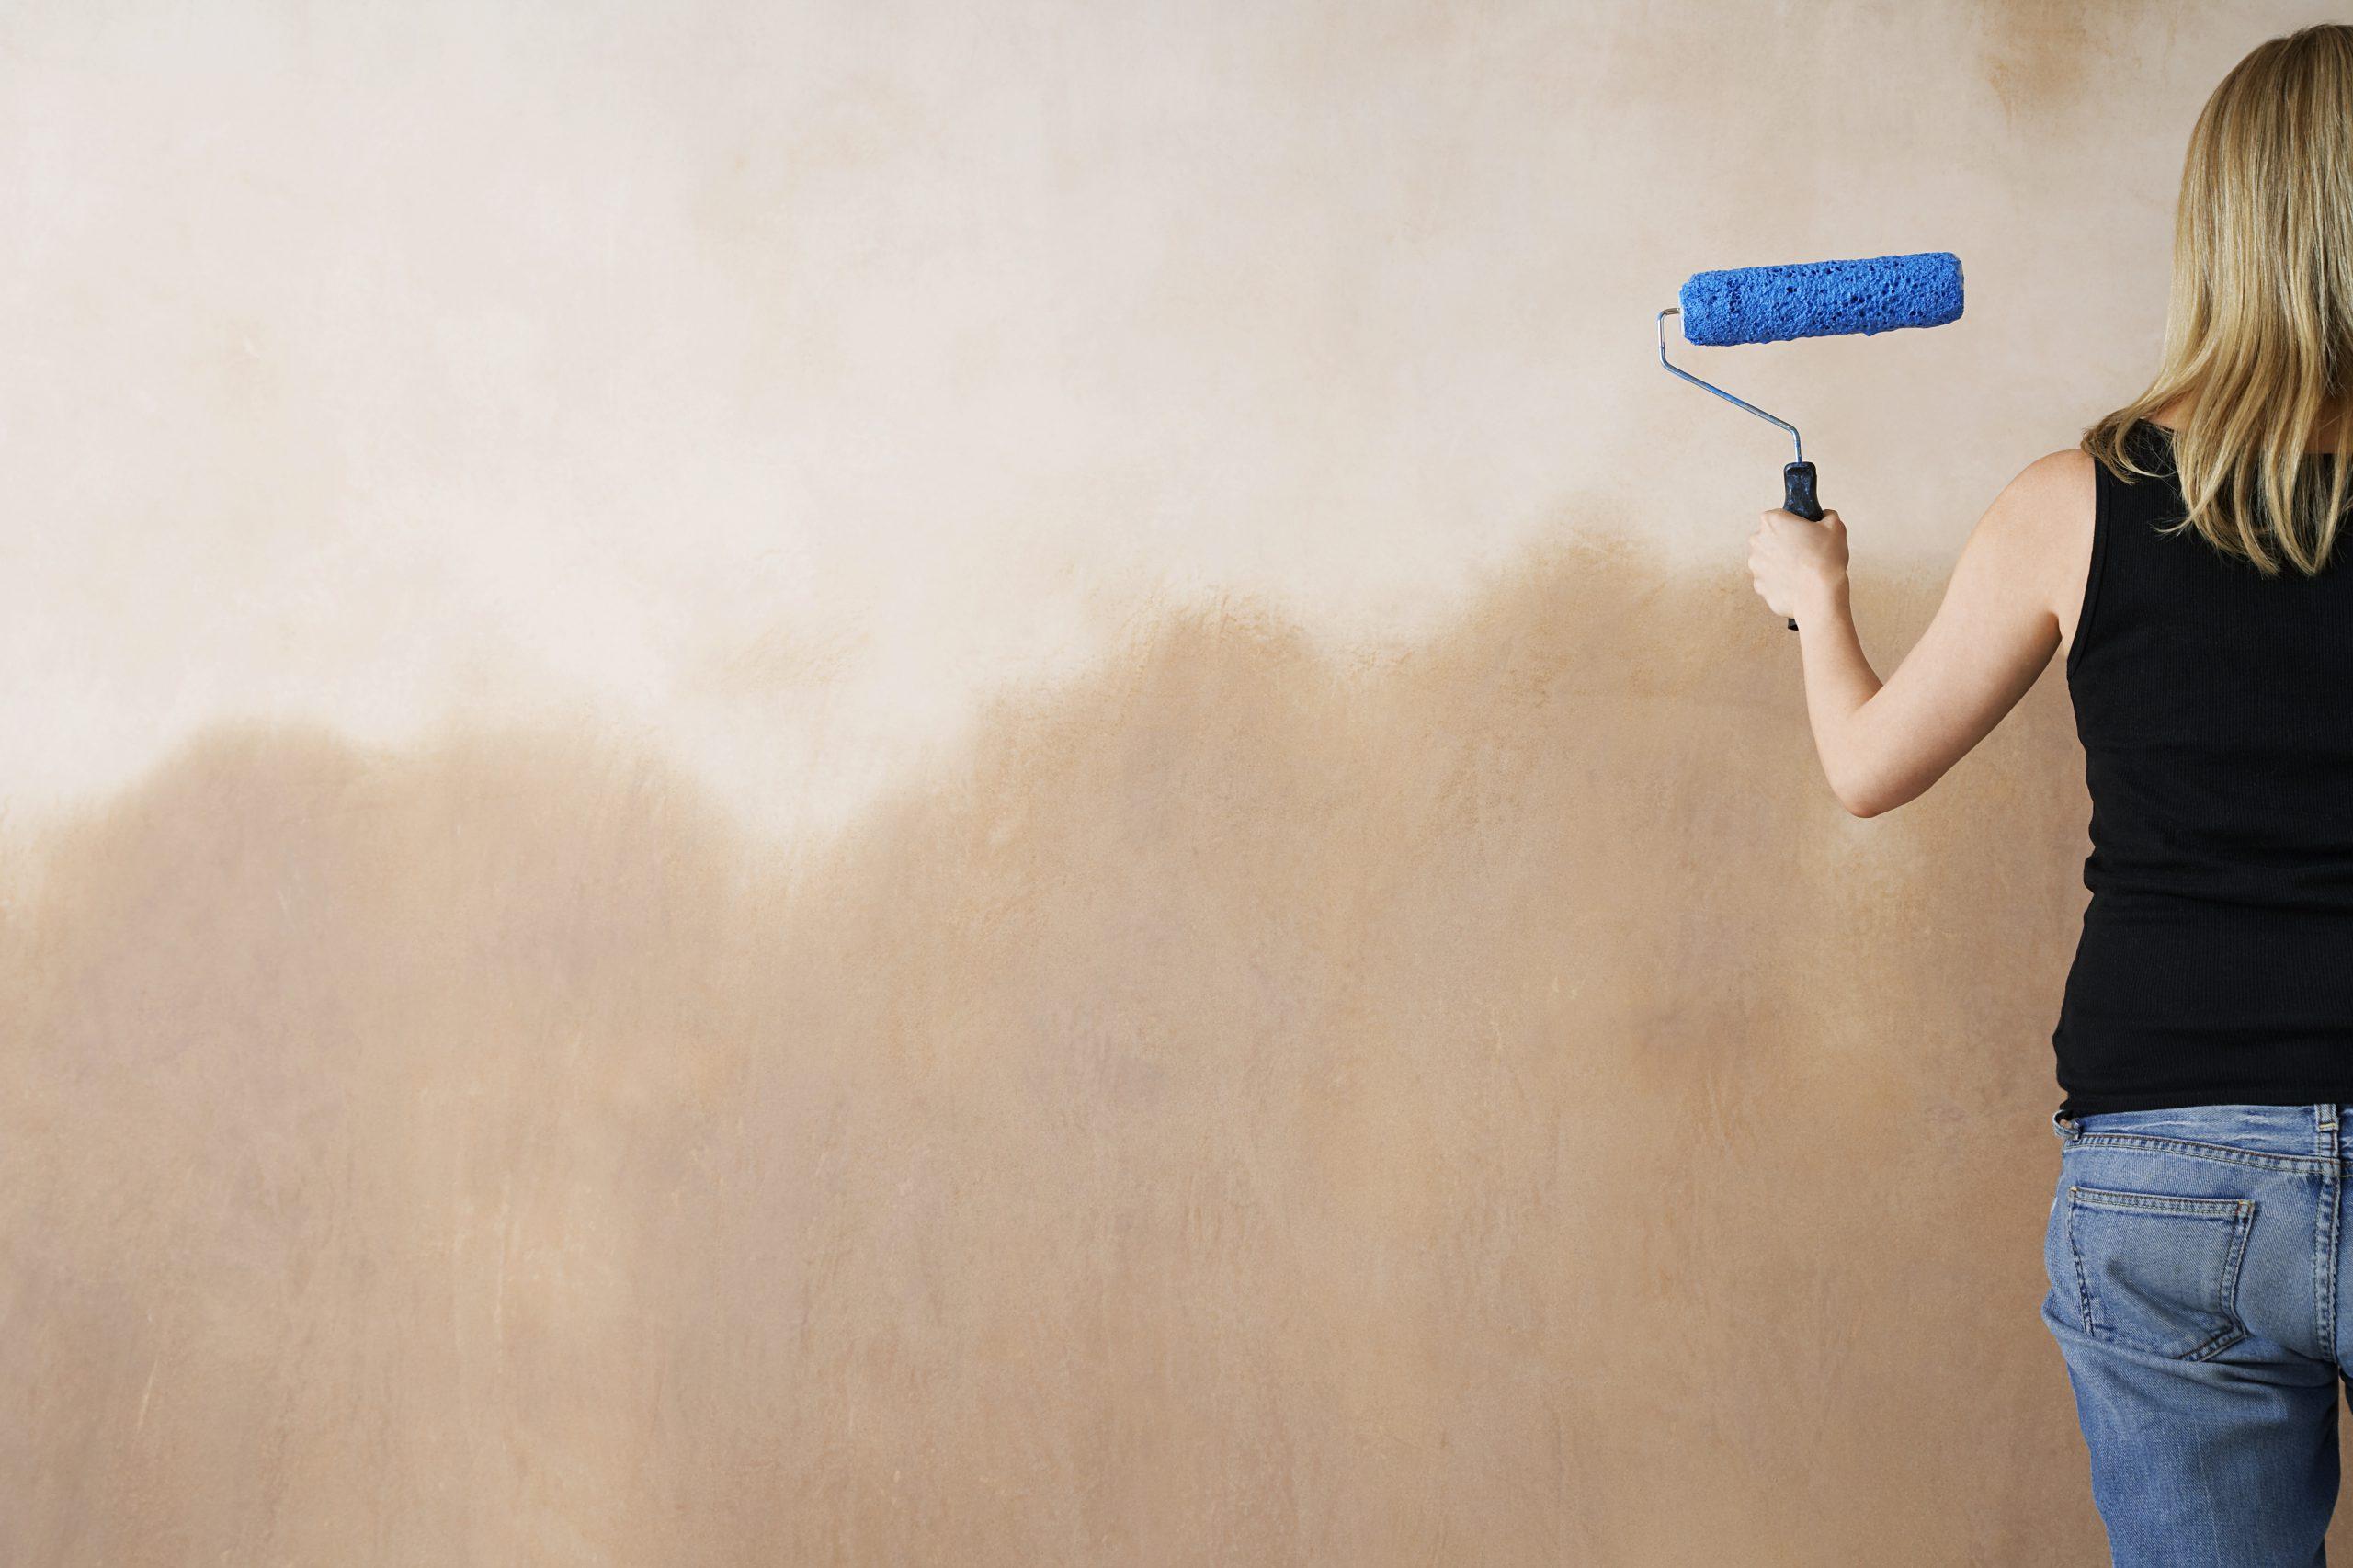 צביעת דירה כמה עולה ואיך מתחילים